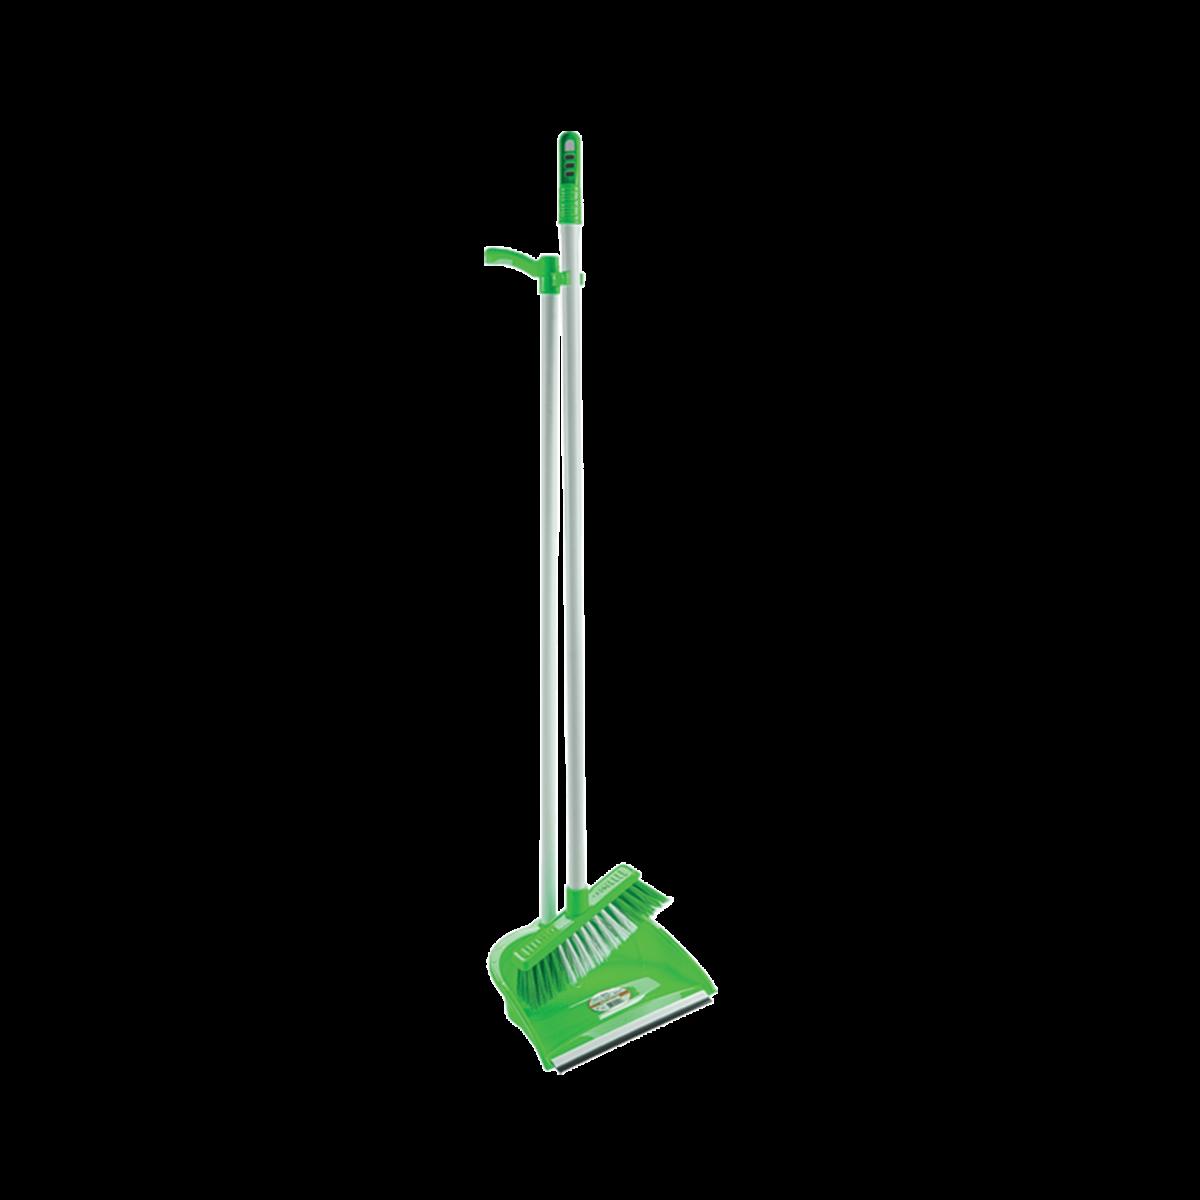 Комплект для приб. совок+щітка, зелений (AF201)- Фото - Biosphere